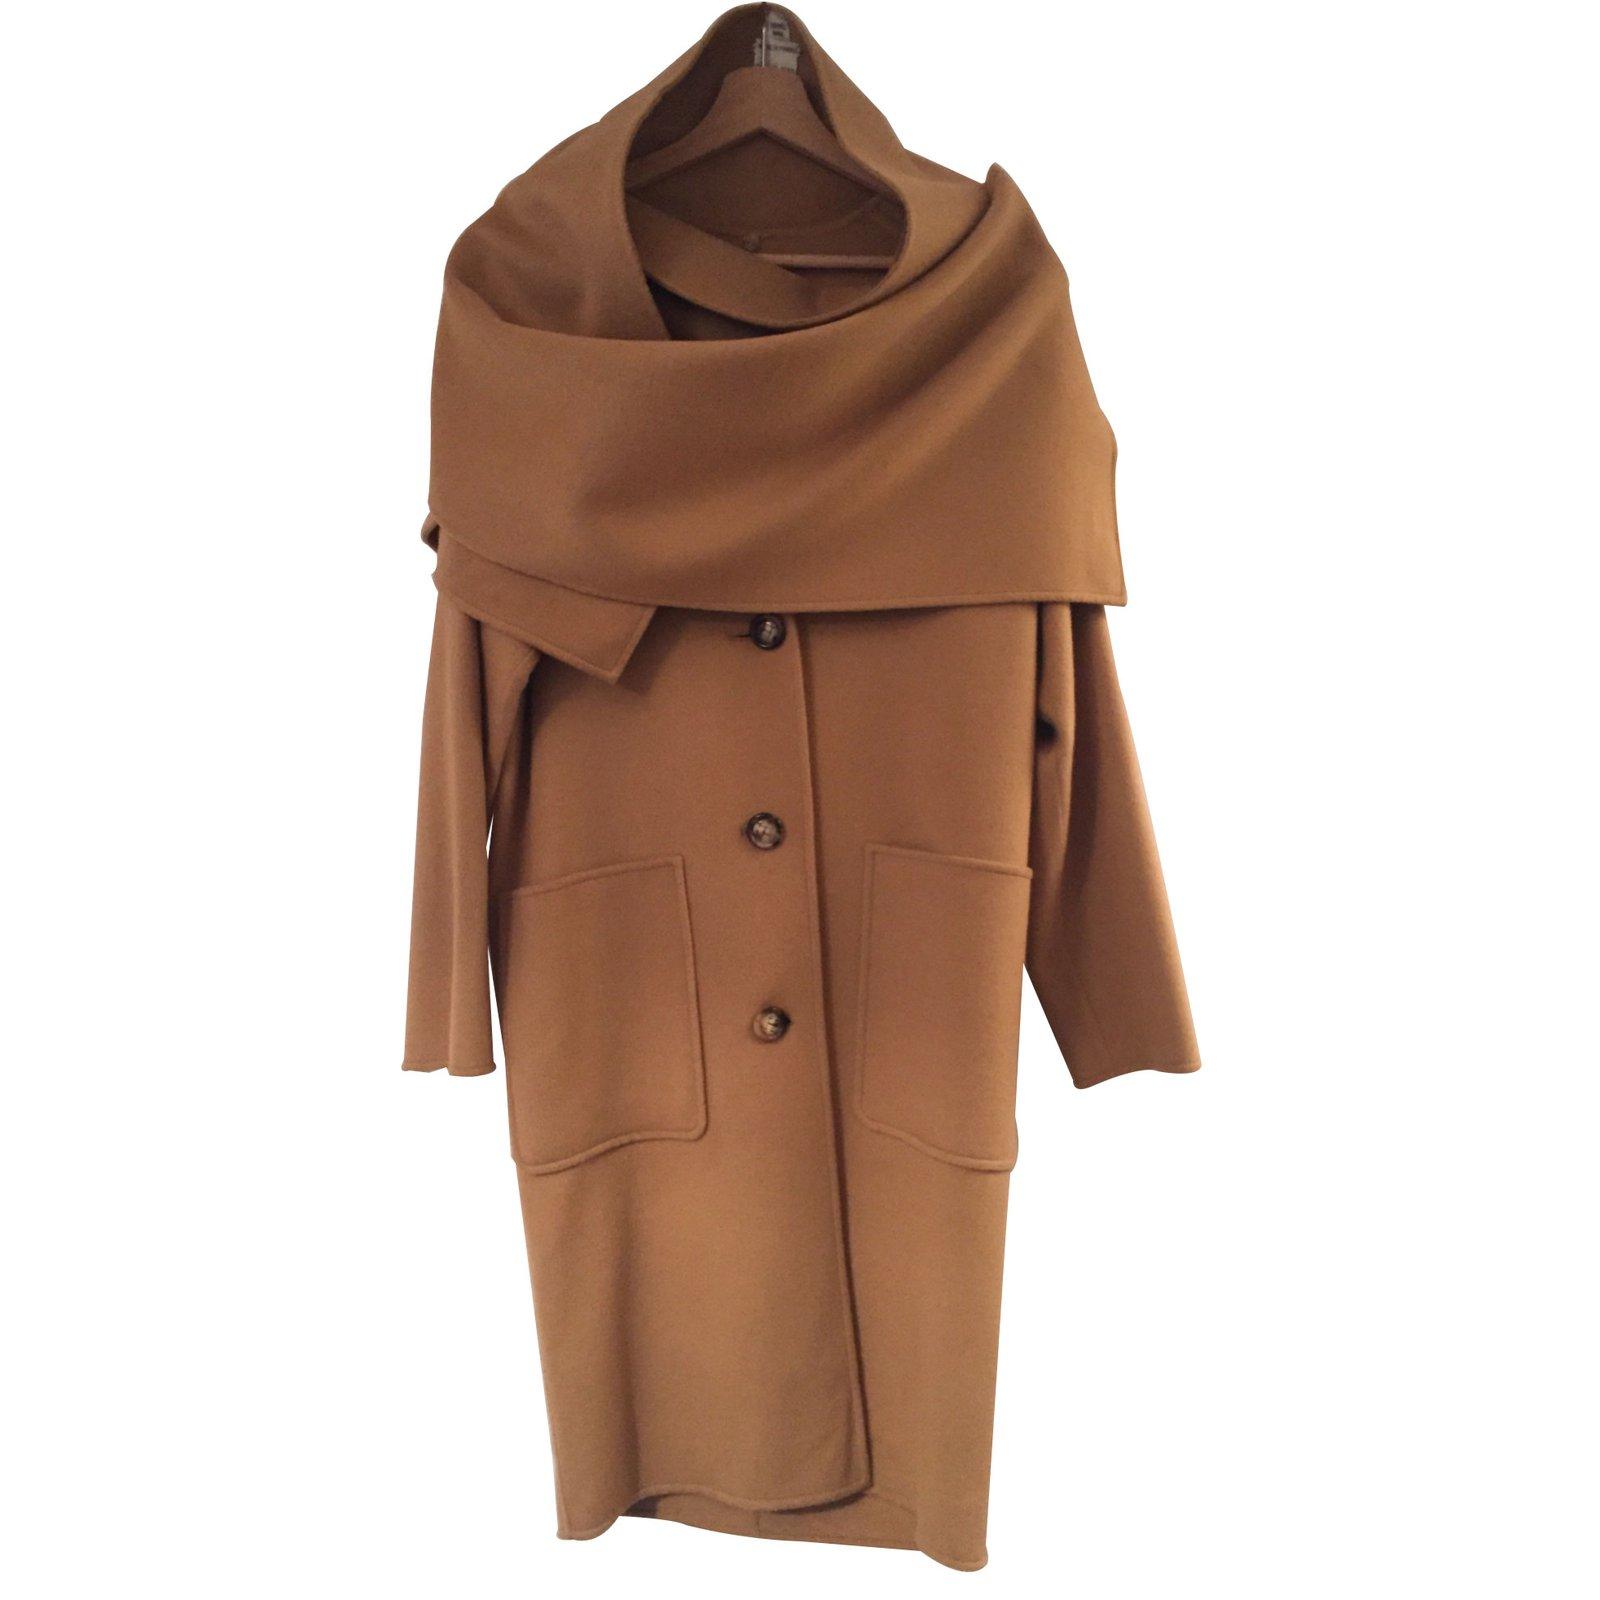 Manteau camel femme occasion